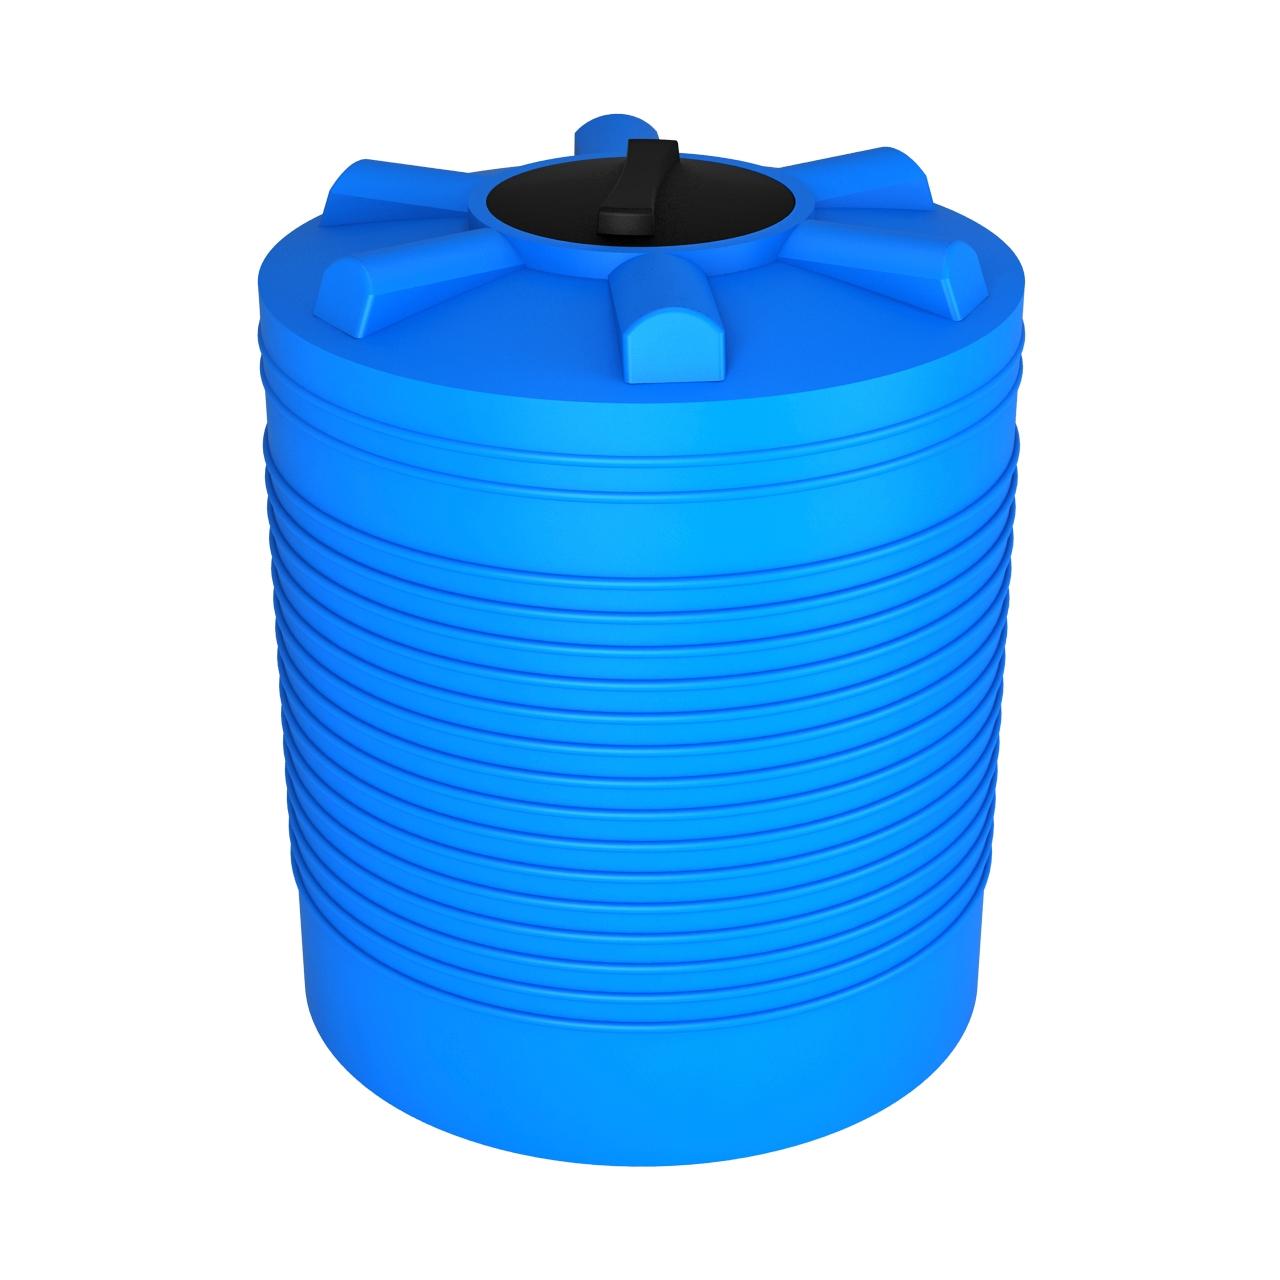 Пластиковая емкость ЭВЛ 750 литров 1